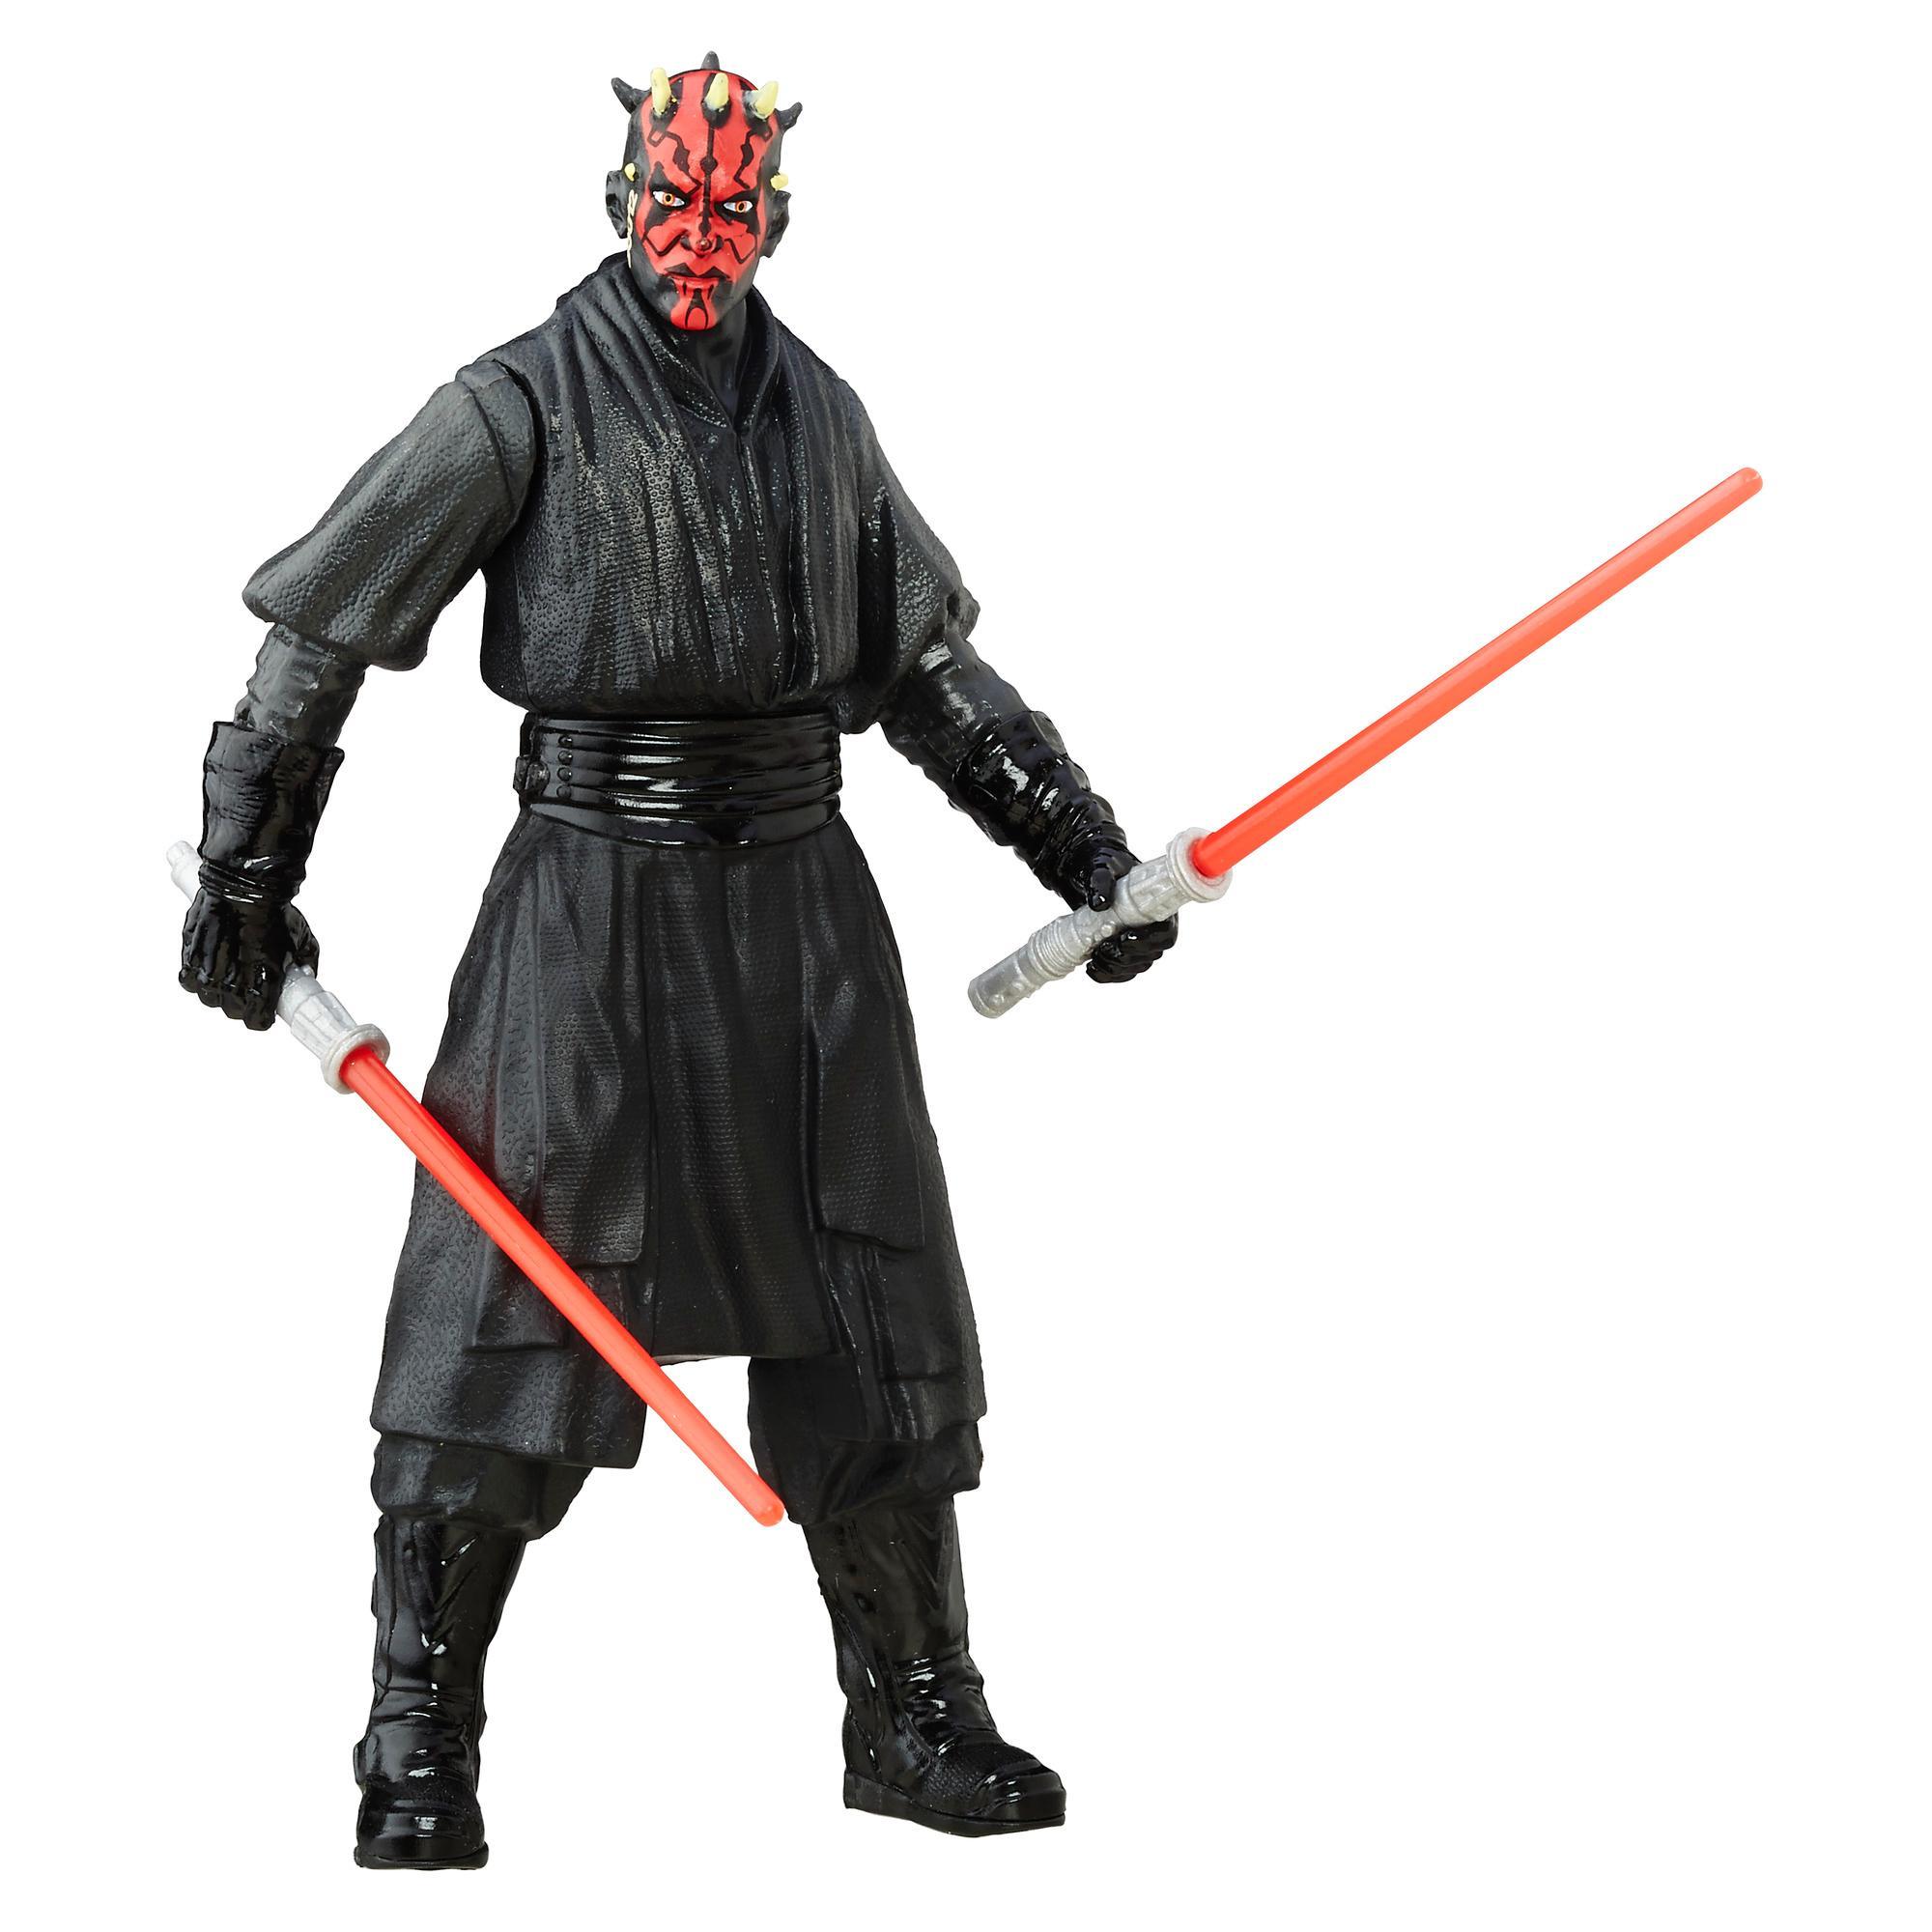 Star Wars E1 Darth Maul